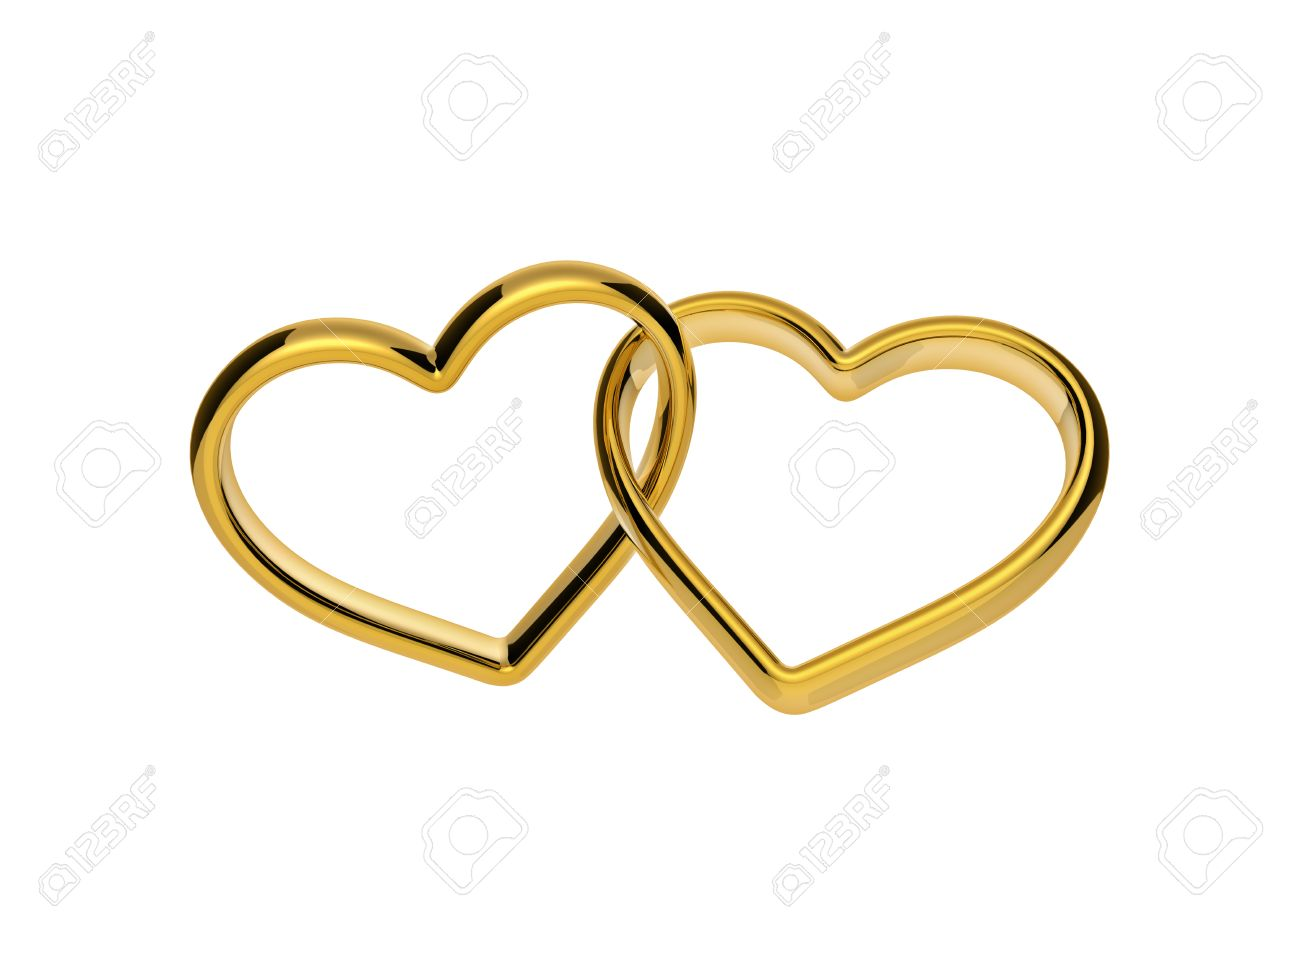 3d Corazones De Oro Conectados Entre Sí Anillos Enlazados Símbolo